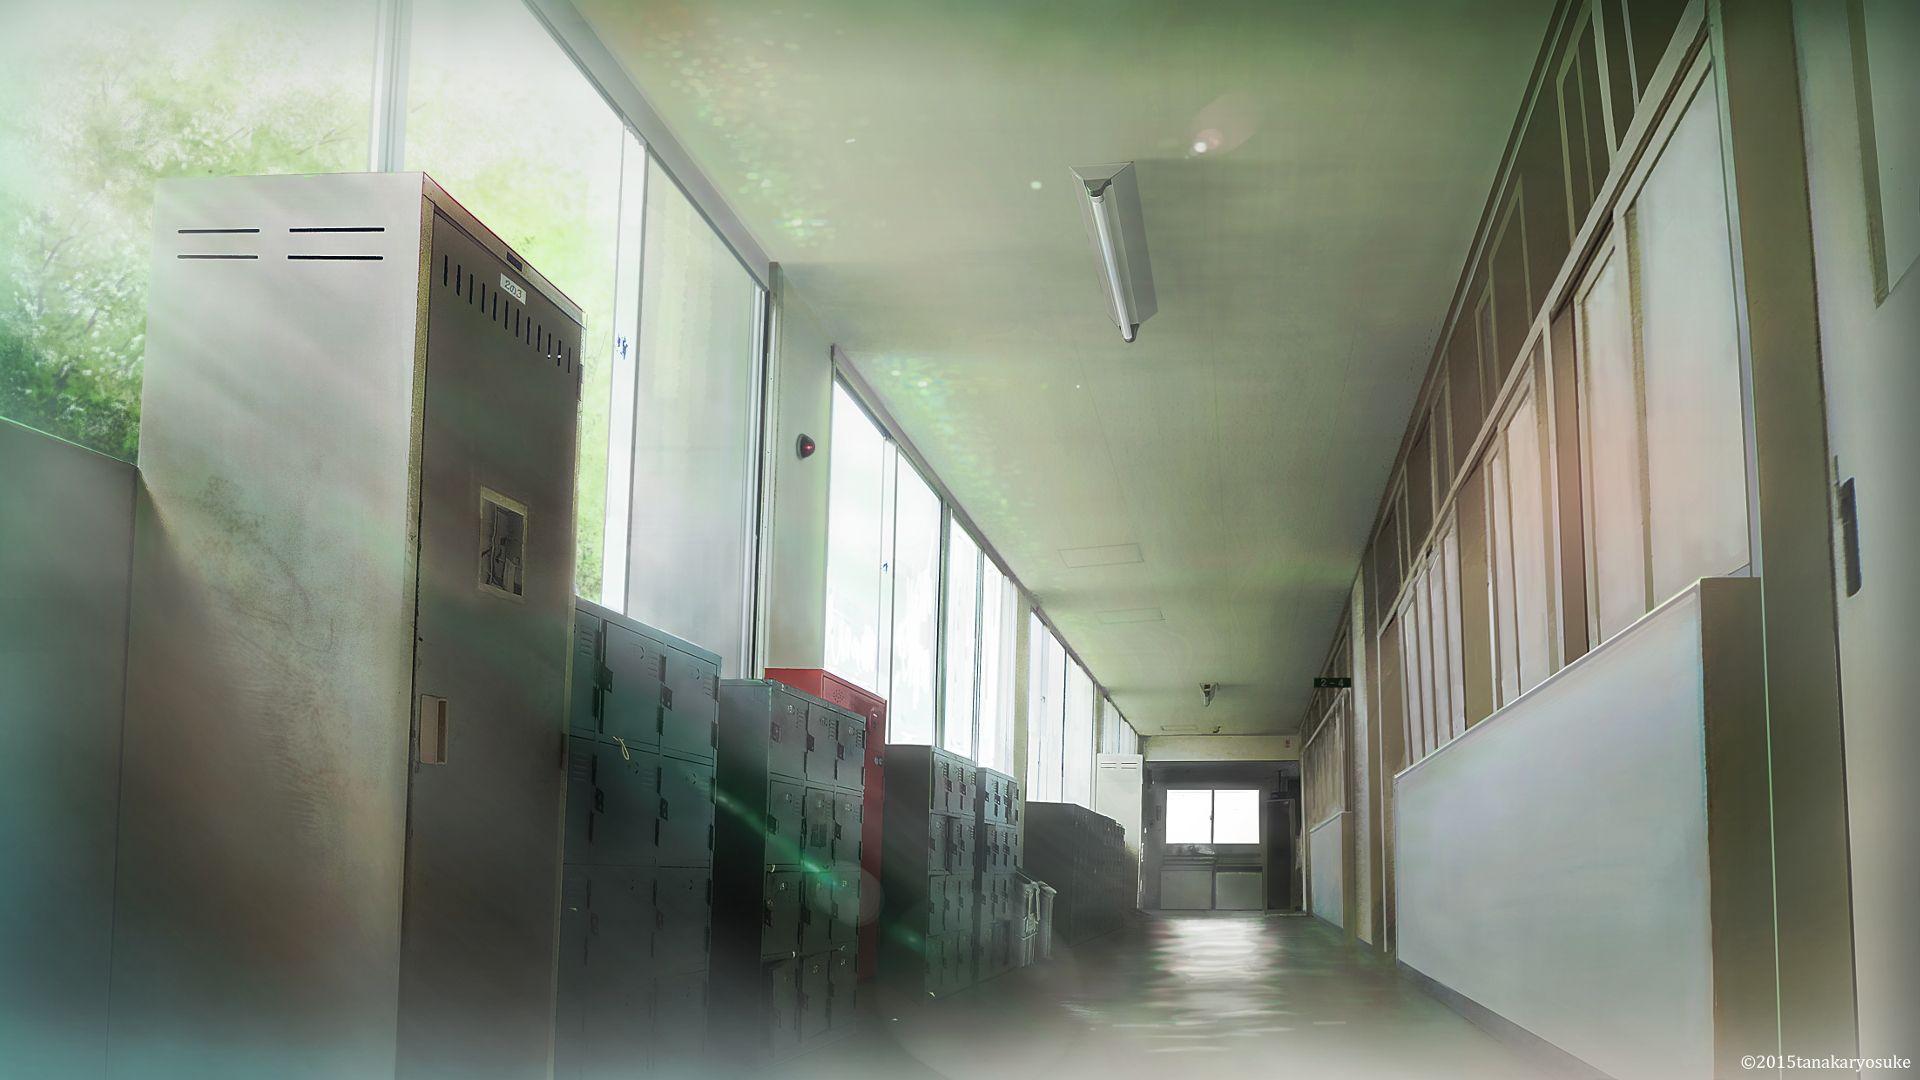 フリー素材 フリー素材 背景 学校階段 1階 2階以上 彩 雅介のマンガ